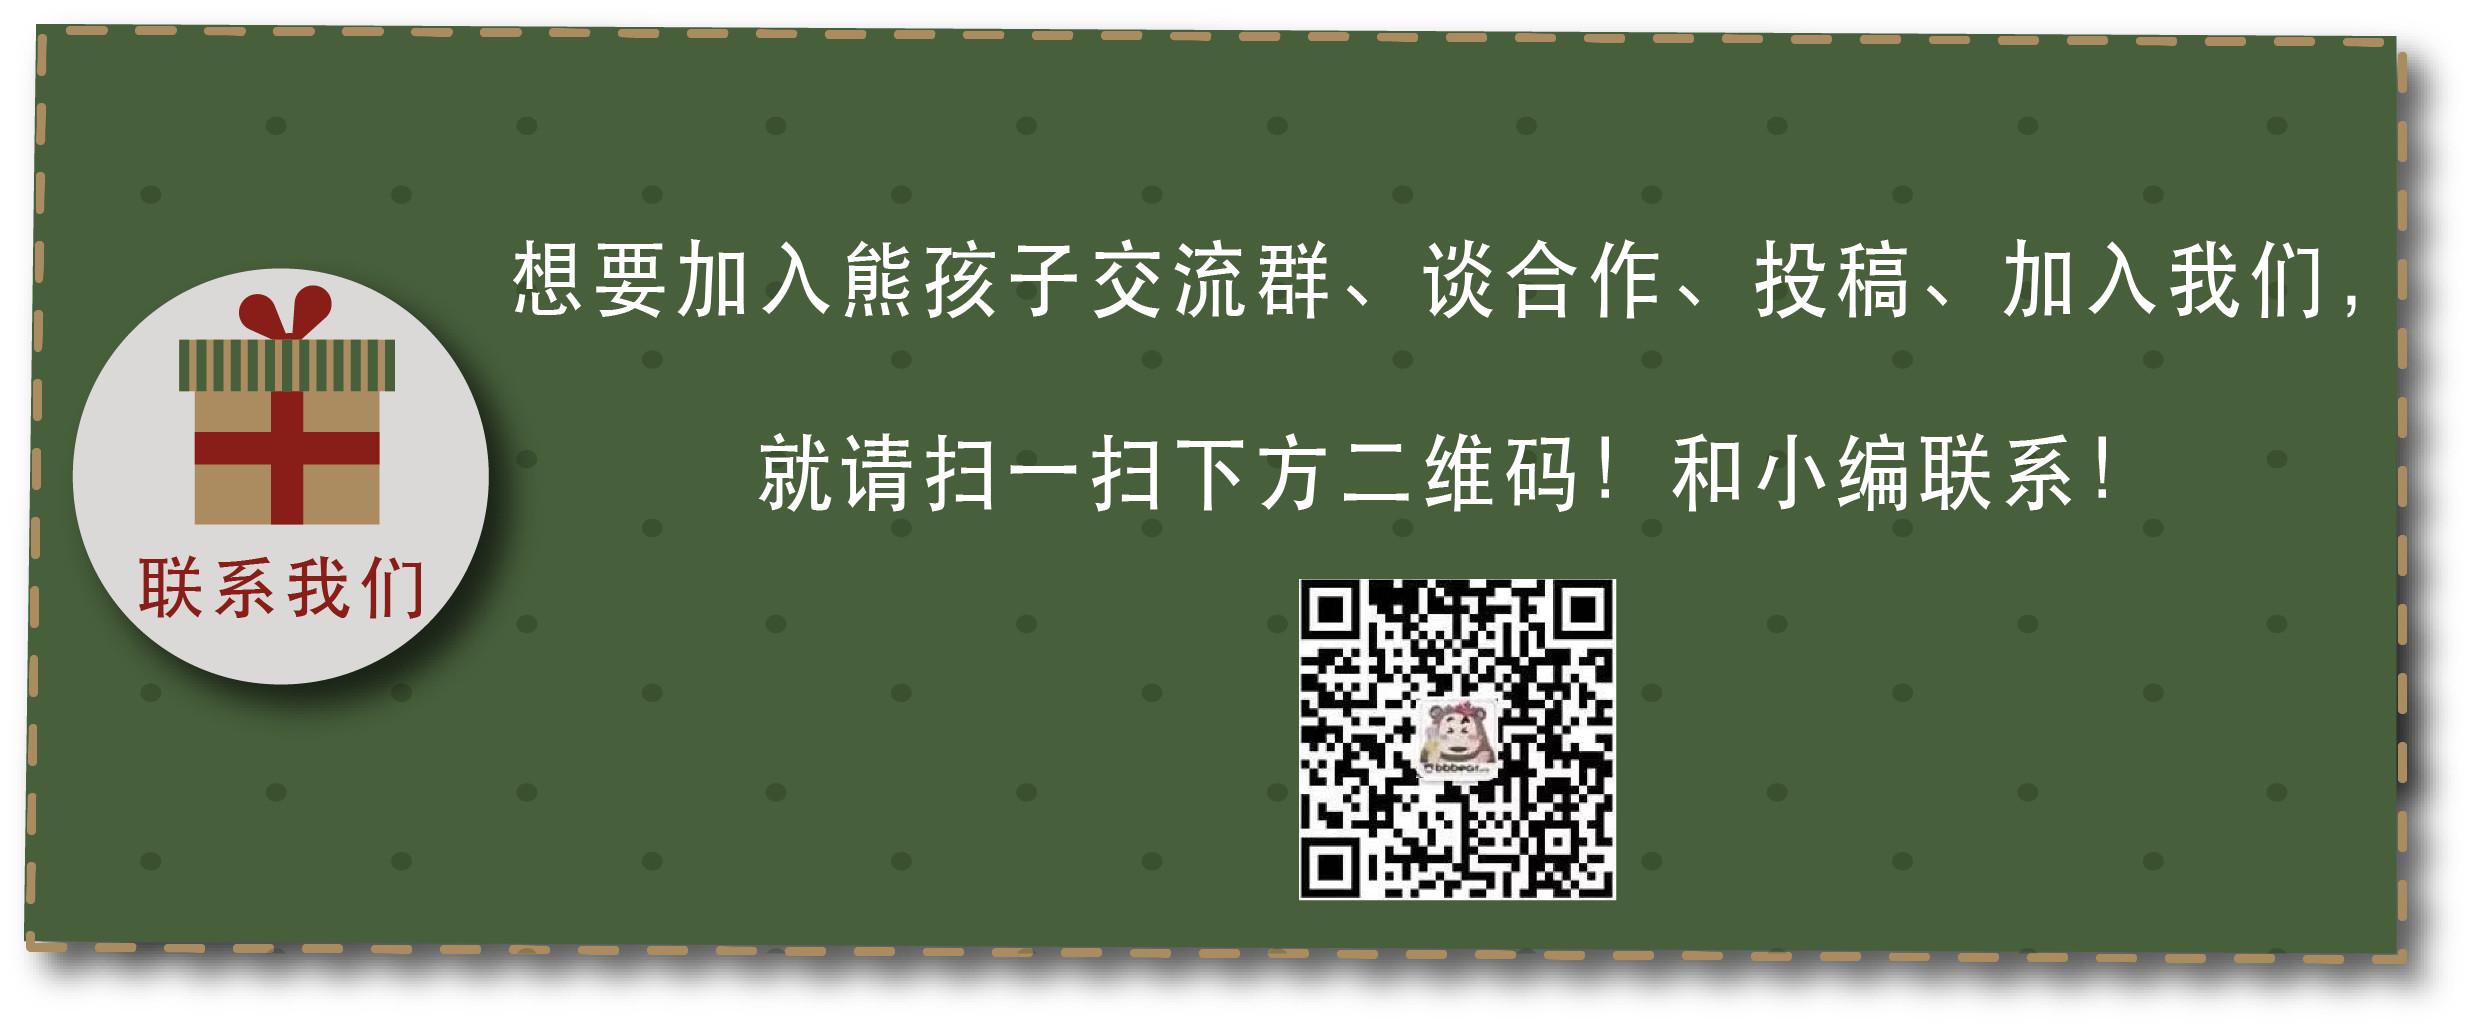 04813fc75156180f48bbc633d7fd2dc9.jpg